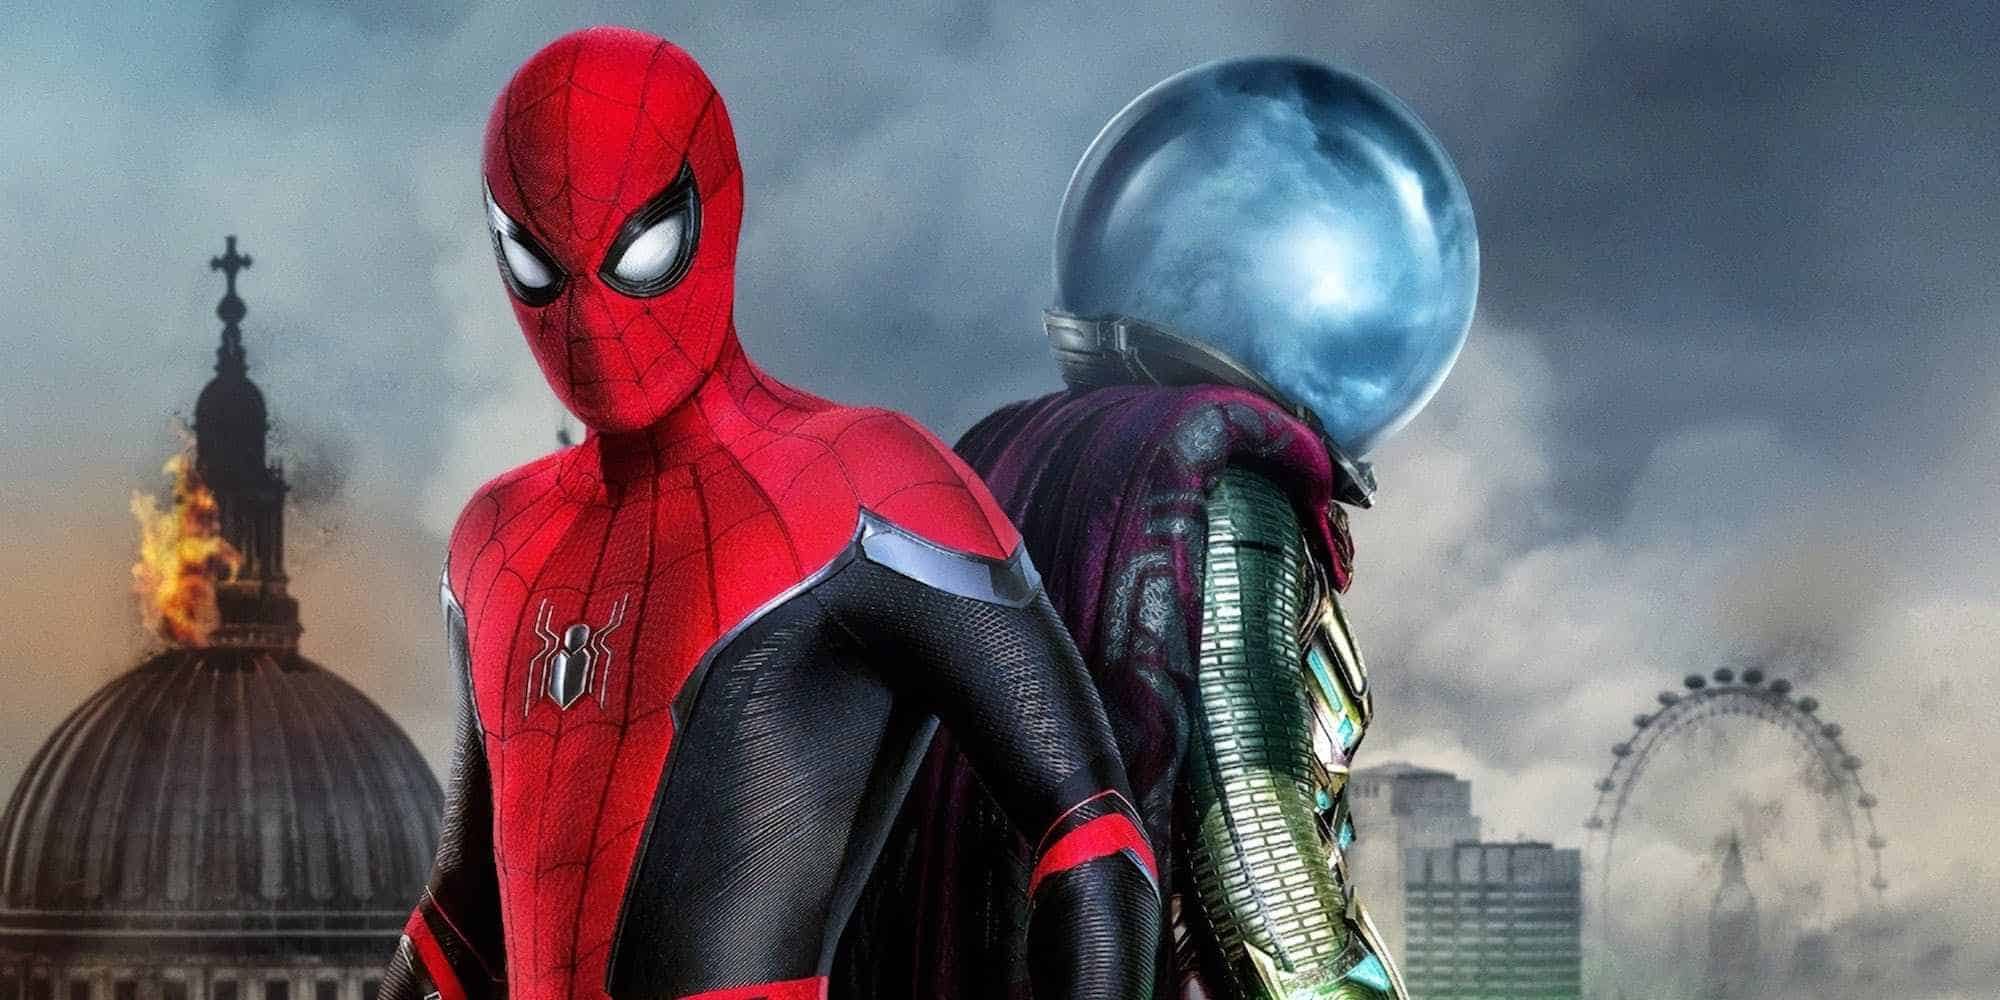 Tom Holland envisageait déjà la rencontre entre Spider-Man, Venom et Kraven